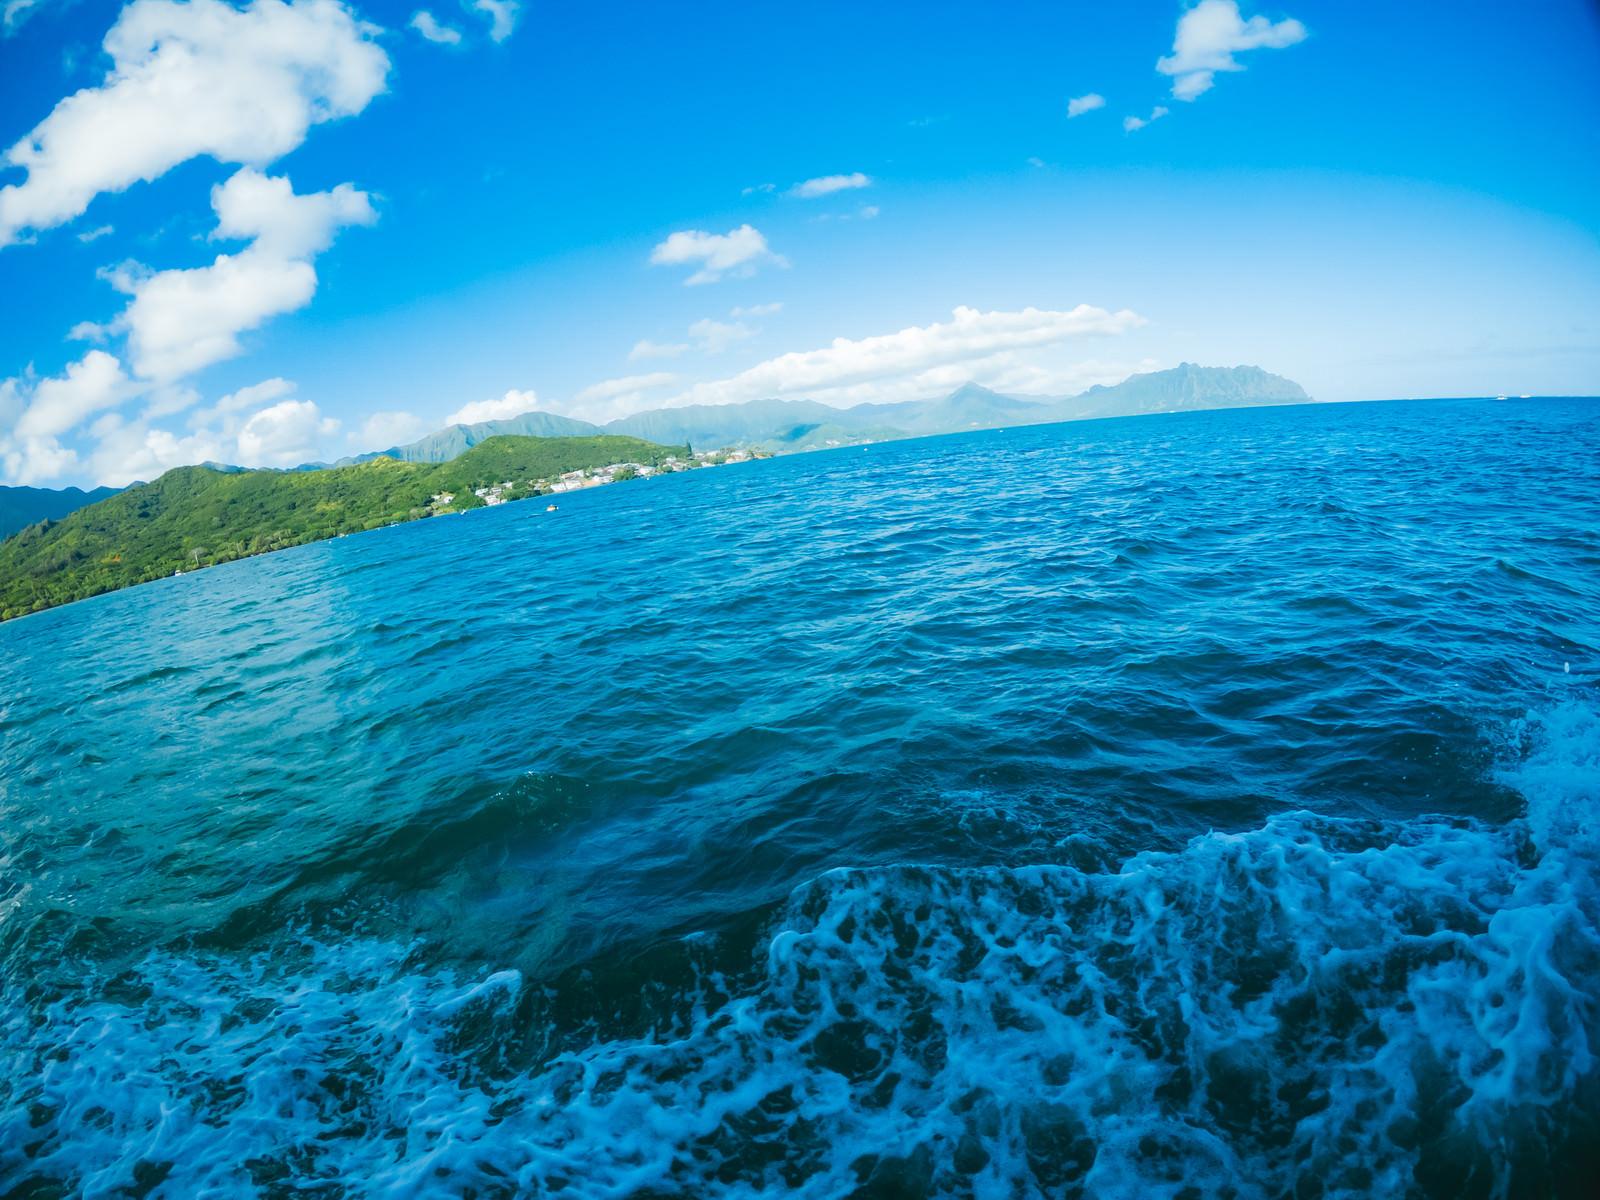 「ハワイの海上を移動中」の写真